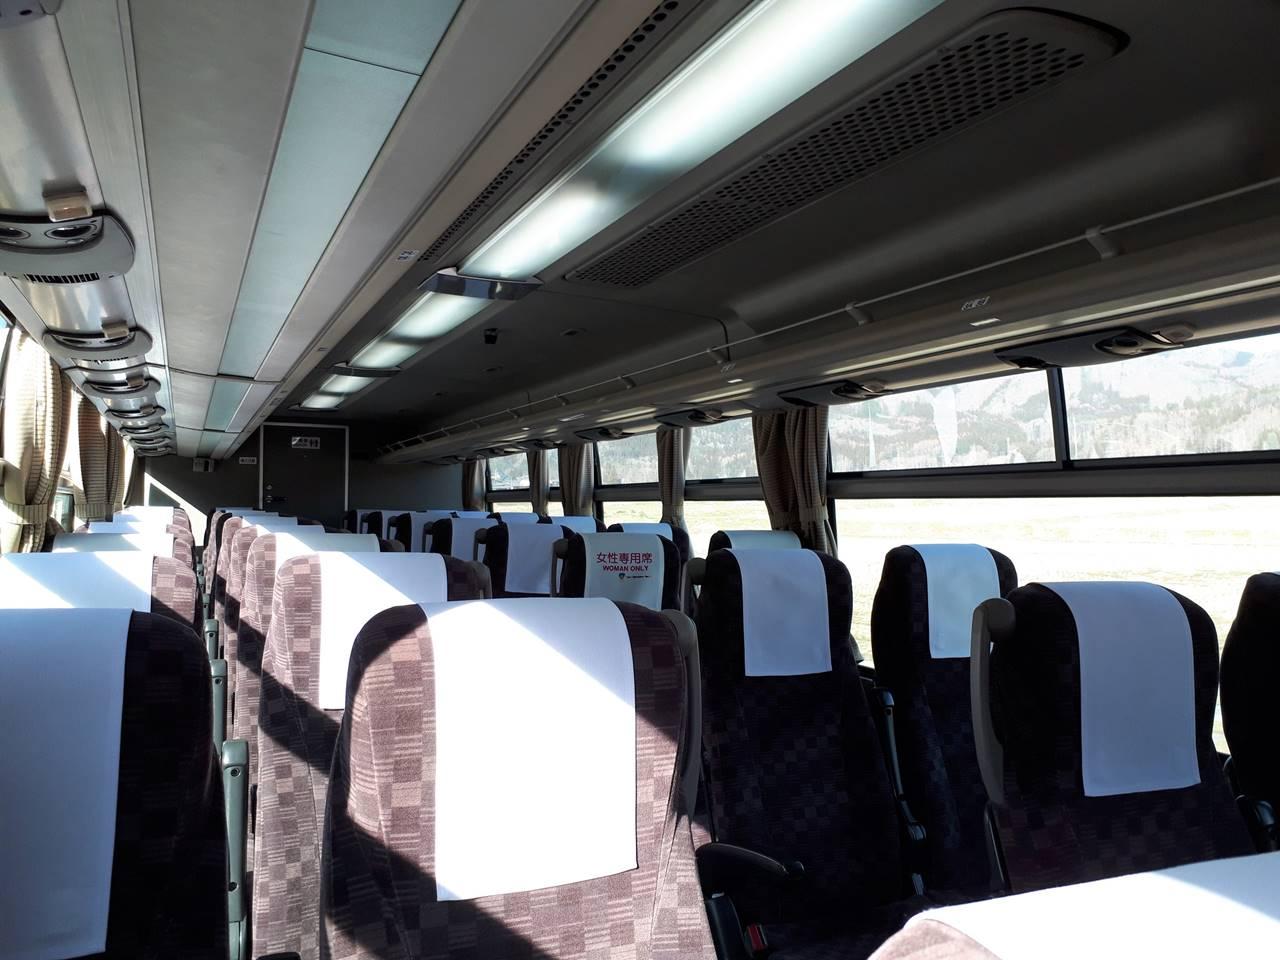 誰も乗っていなかった白馬~新宿高速バス